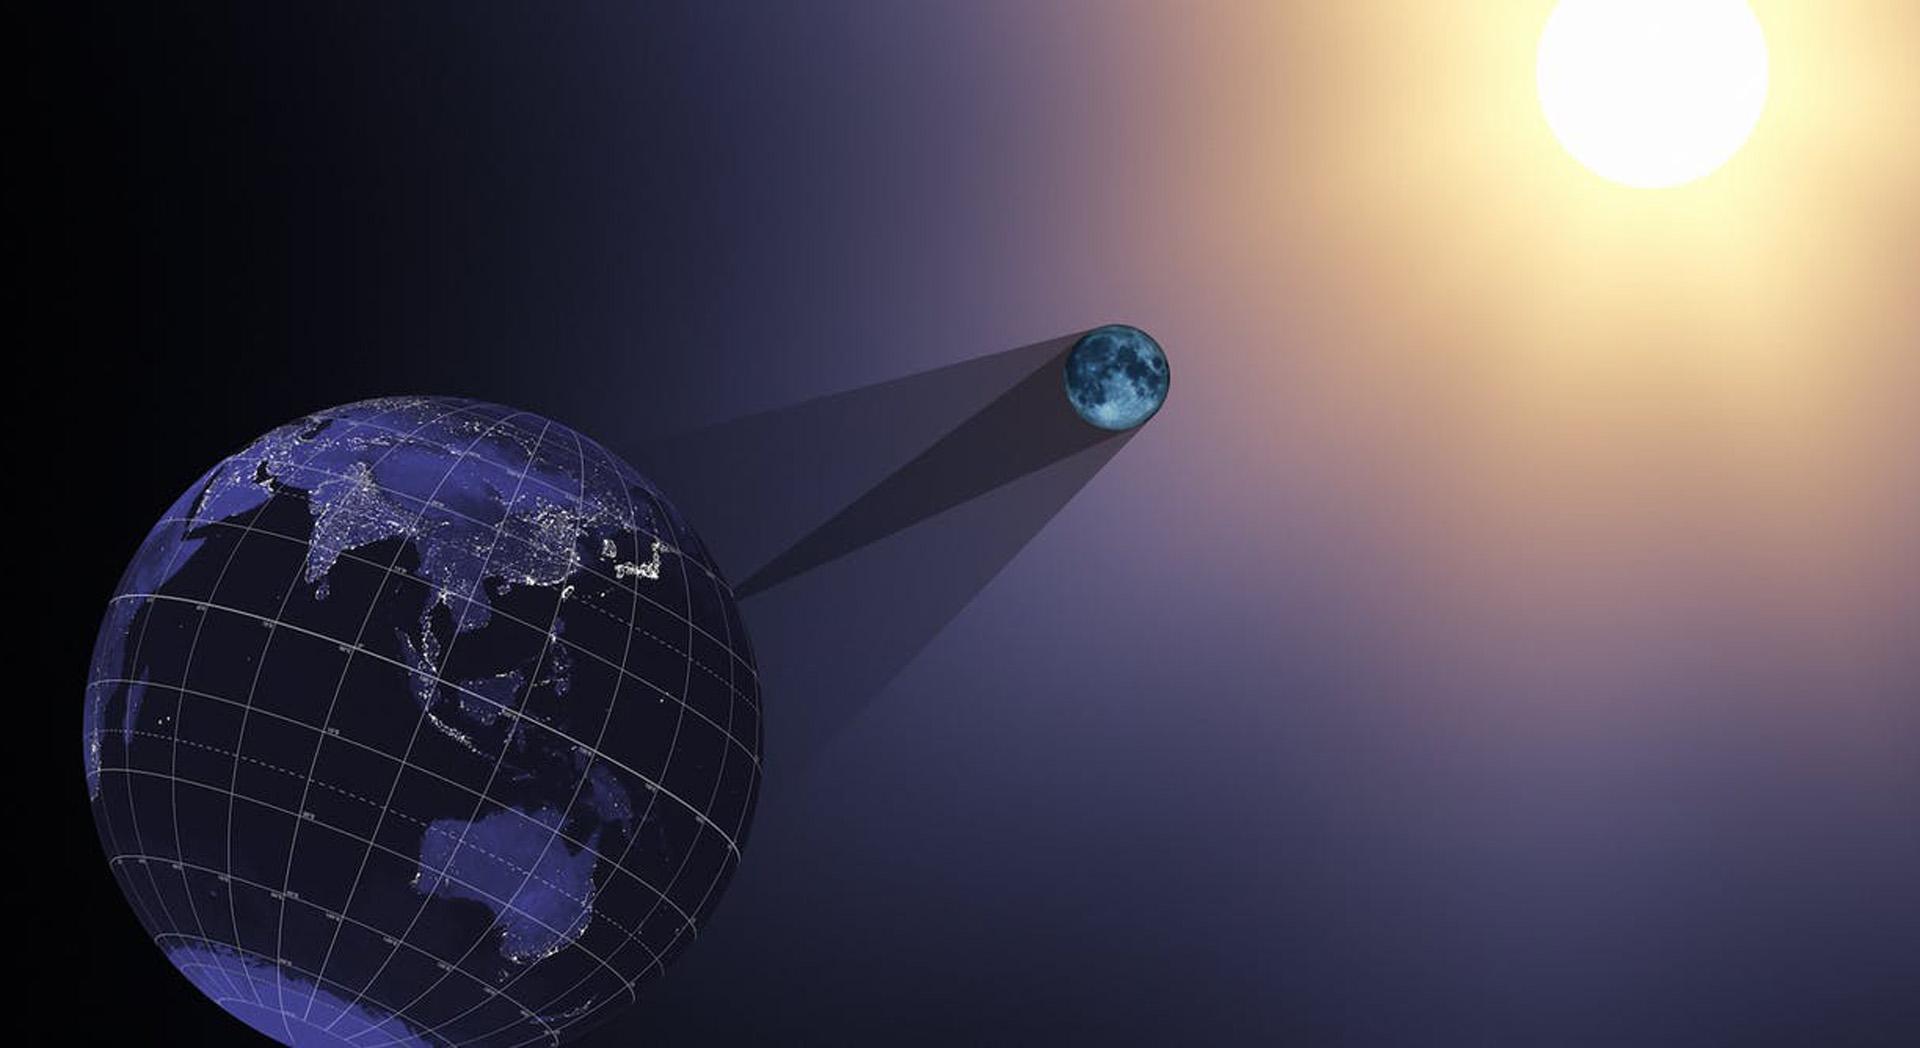 El fenómeno astronómico cautiva a millones de personas desde hace miles de años